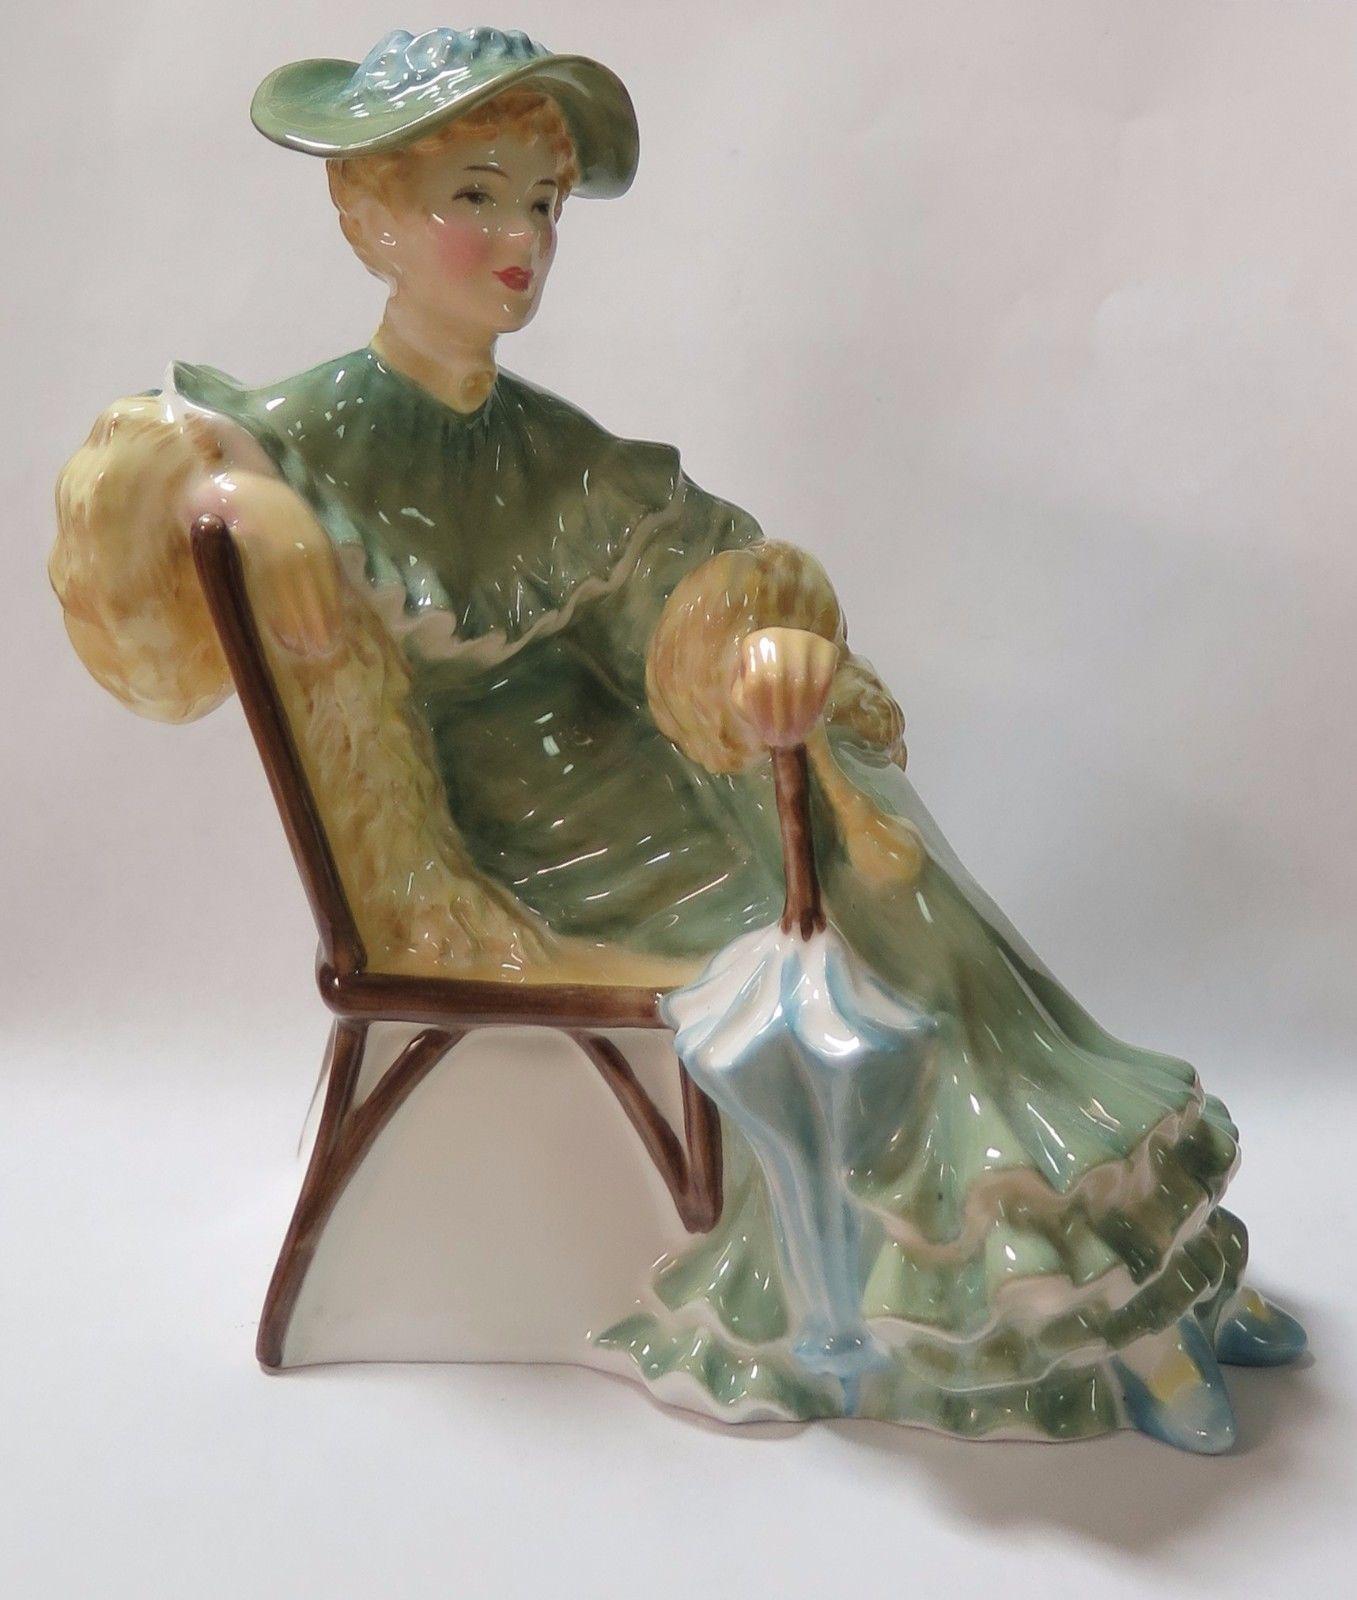 Vintage Lady Figurine 5